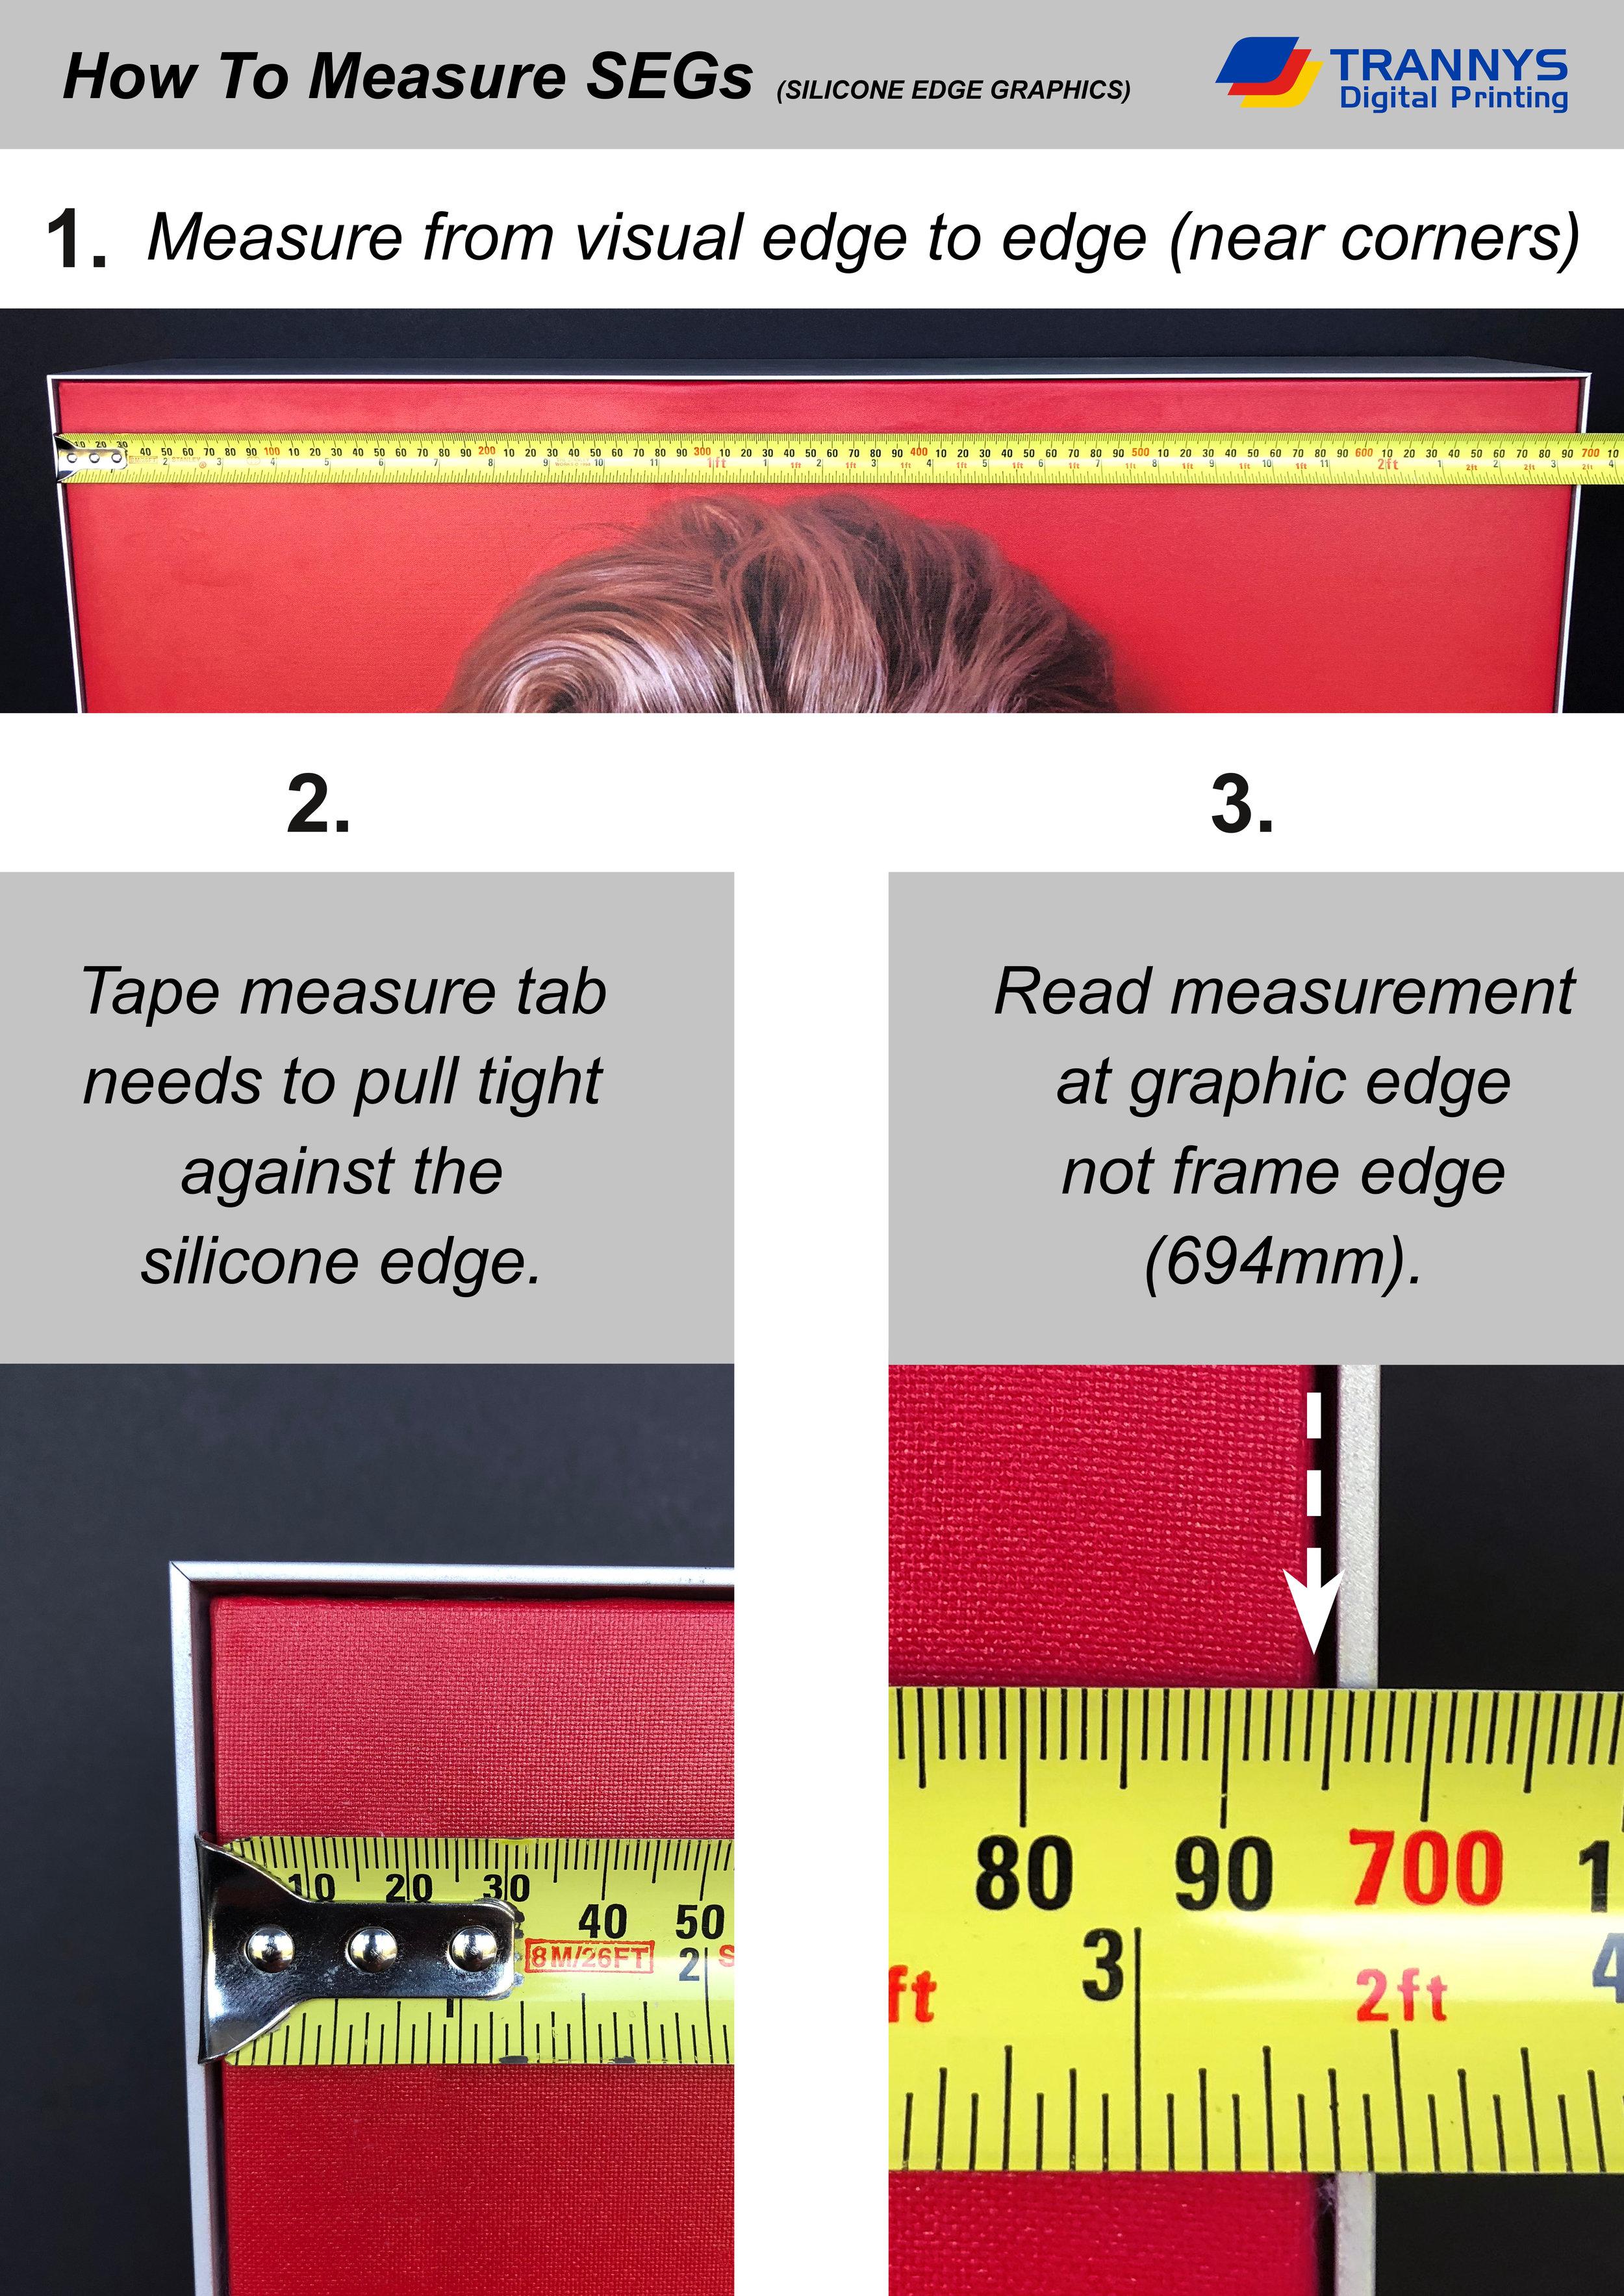 700x990_Measuring SEG_VISUAL EDGE_3.jpg